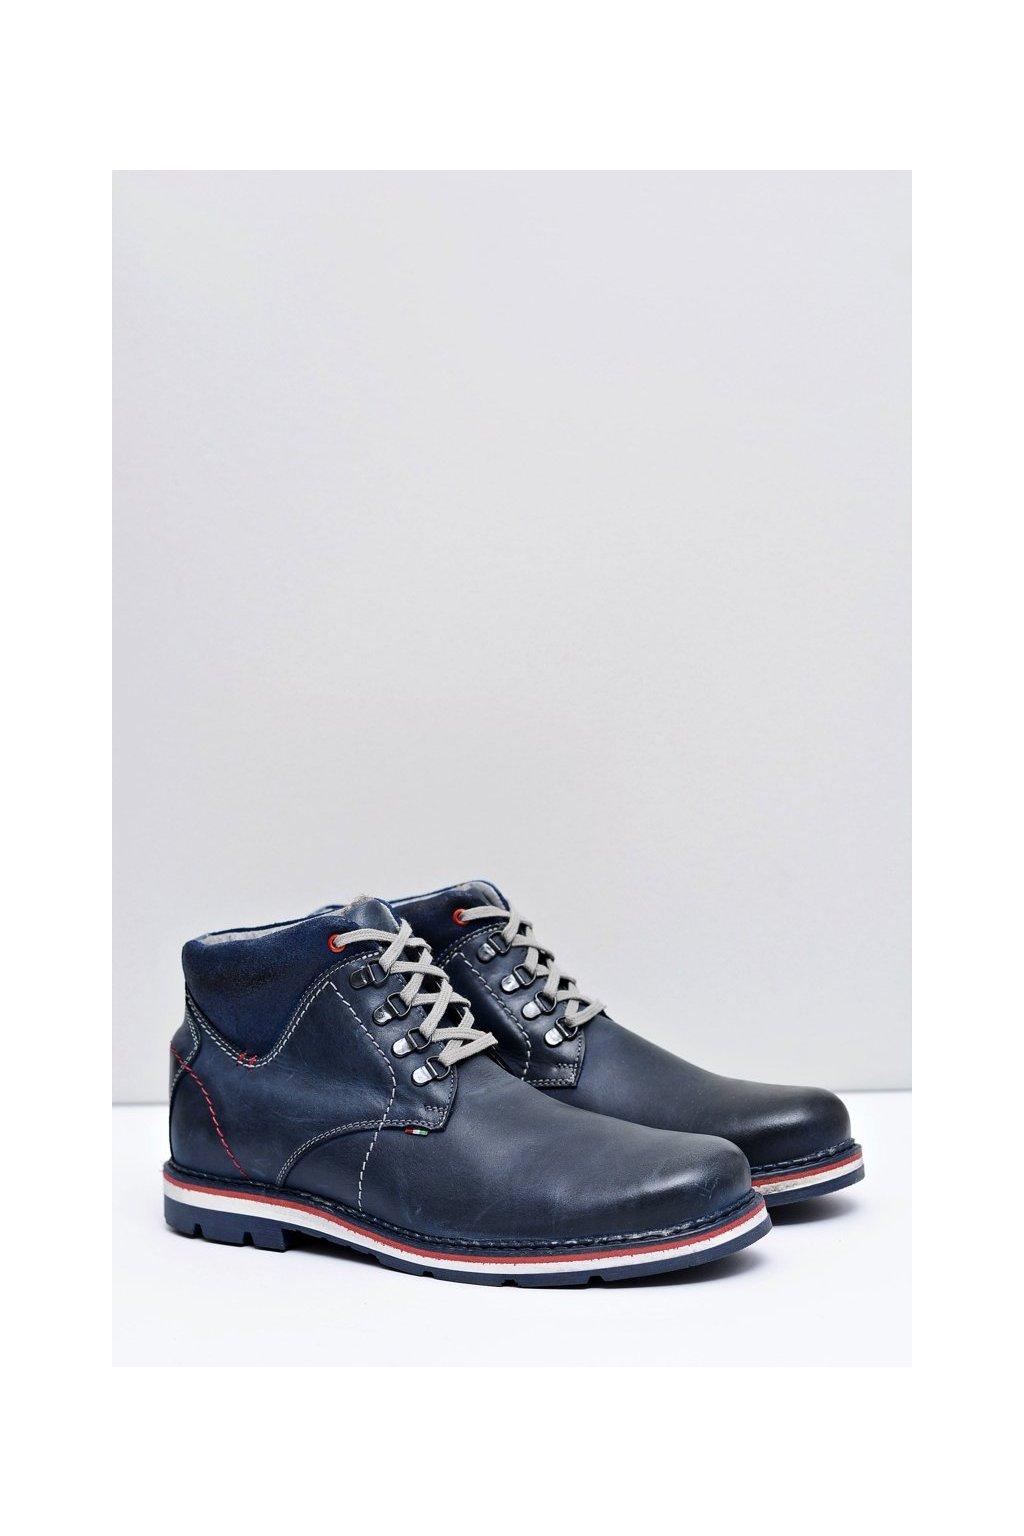 Modré pánske topánky kožené Futro Teslo